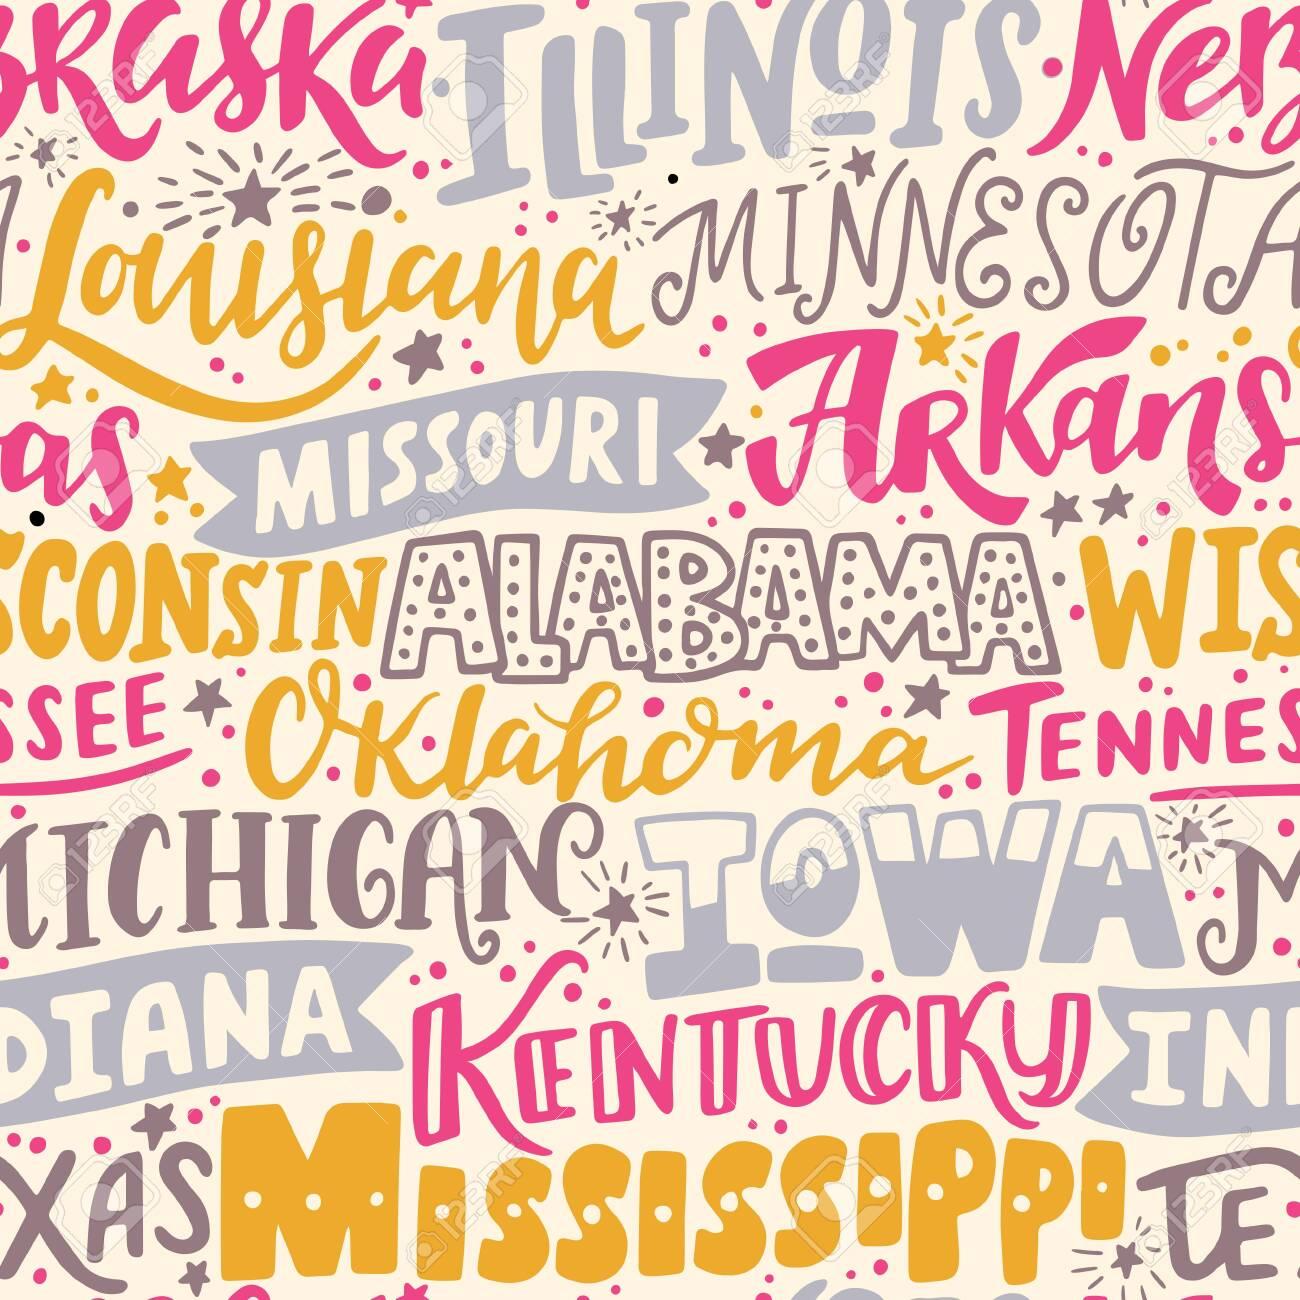 Vector seamless pattern with USA states. Illinois, Nebraska, Louisiana, Arkansas, Missouri, Wisconsin, Alabama, Tennessee, Oklahoma, Michigan, Iowa, Indiana, Kentucky, Texas, Mississippi - 149823756